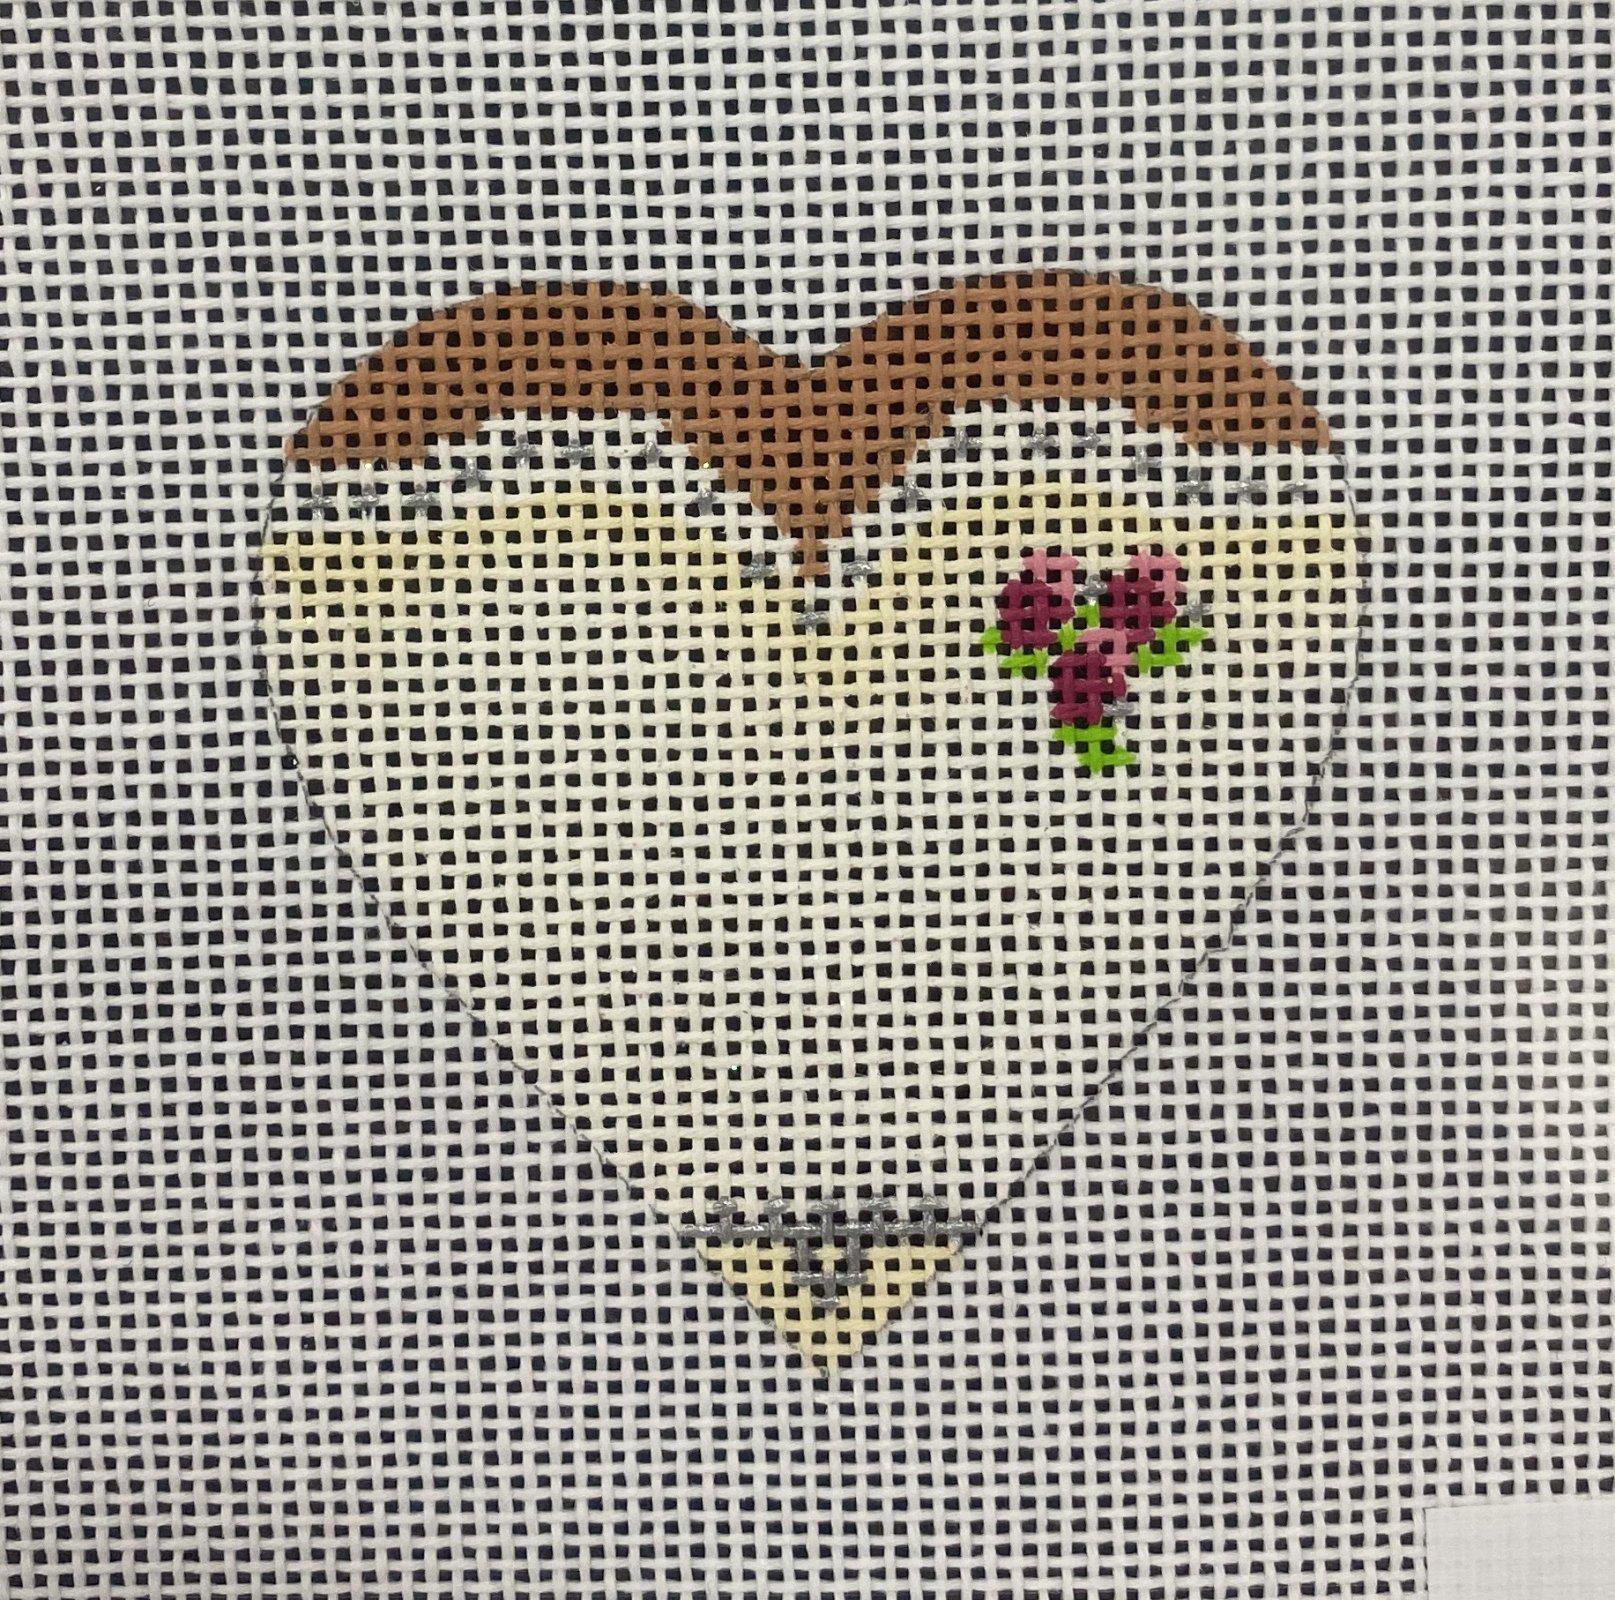 Bride Heart Ornament, 2.25x2.25, 18M